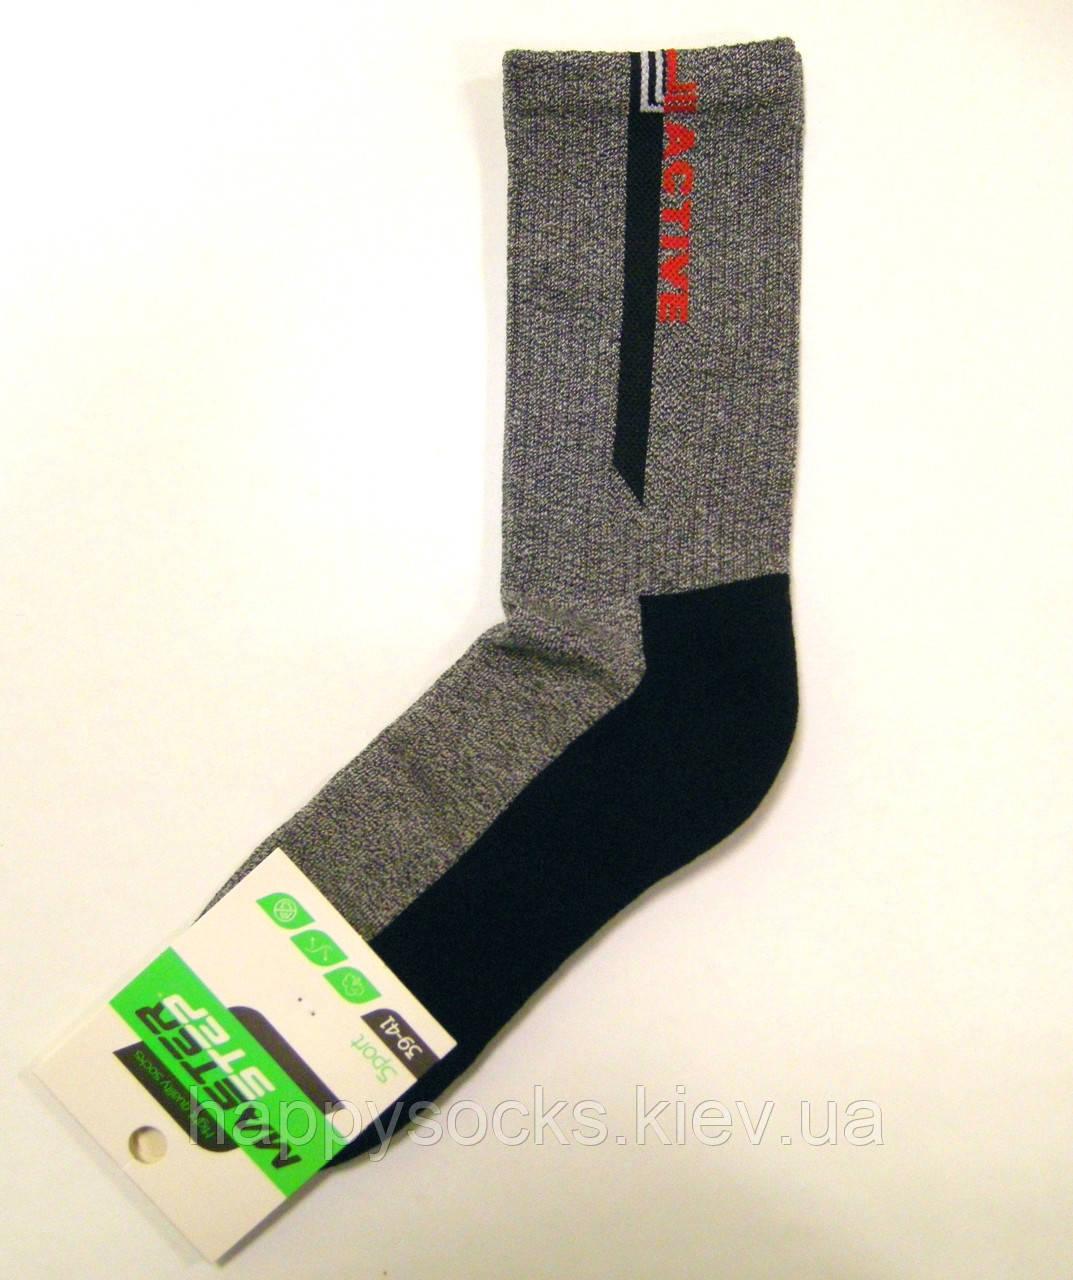 Носки хлопковые однотонные с махровым следом мужские высокие